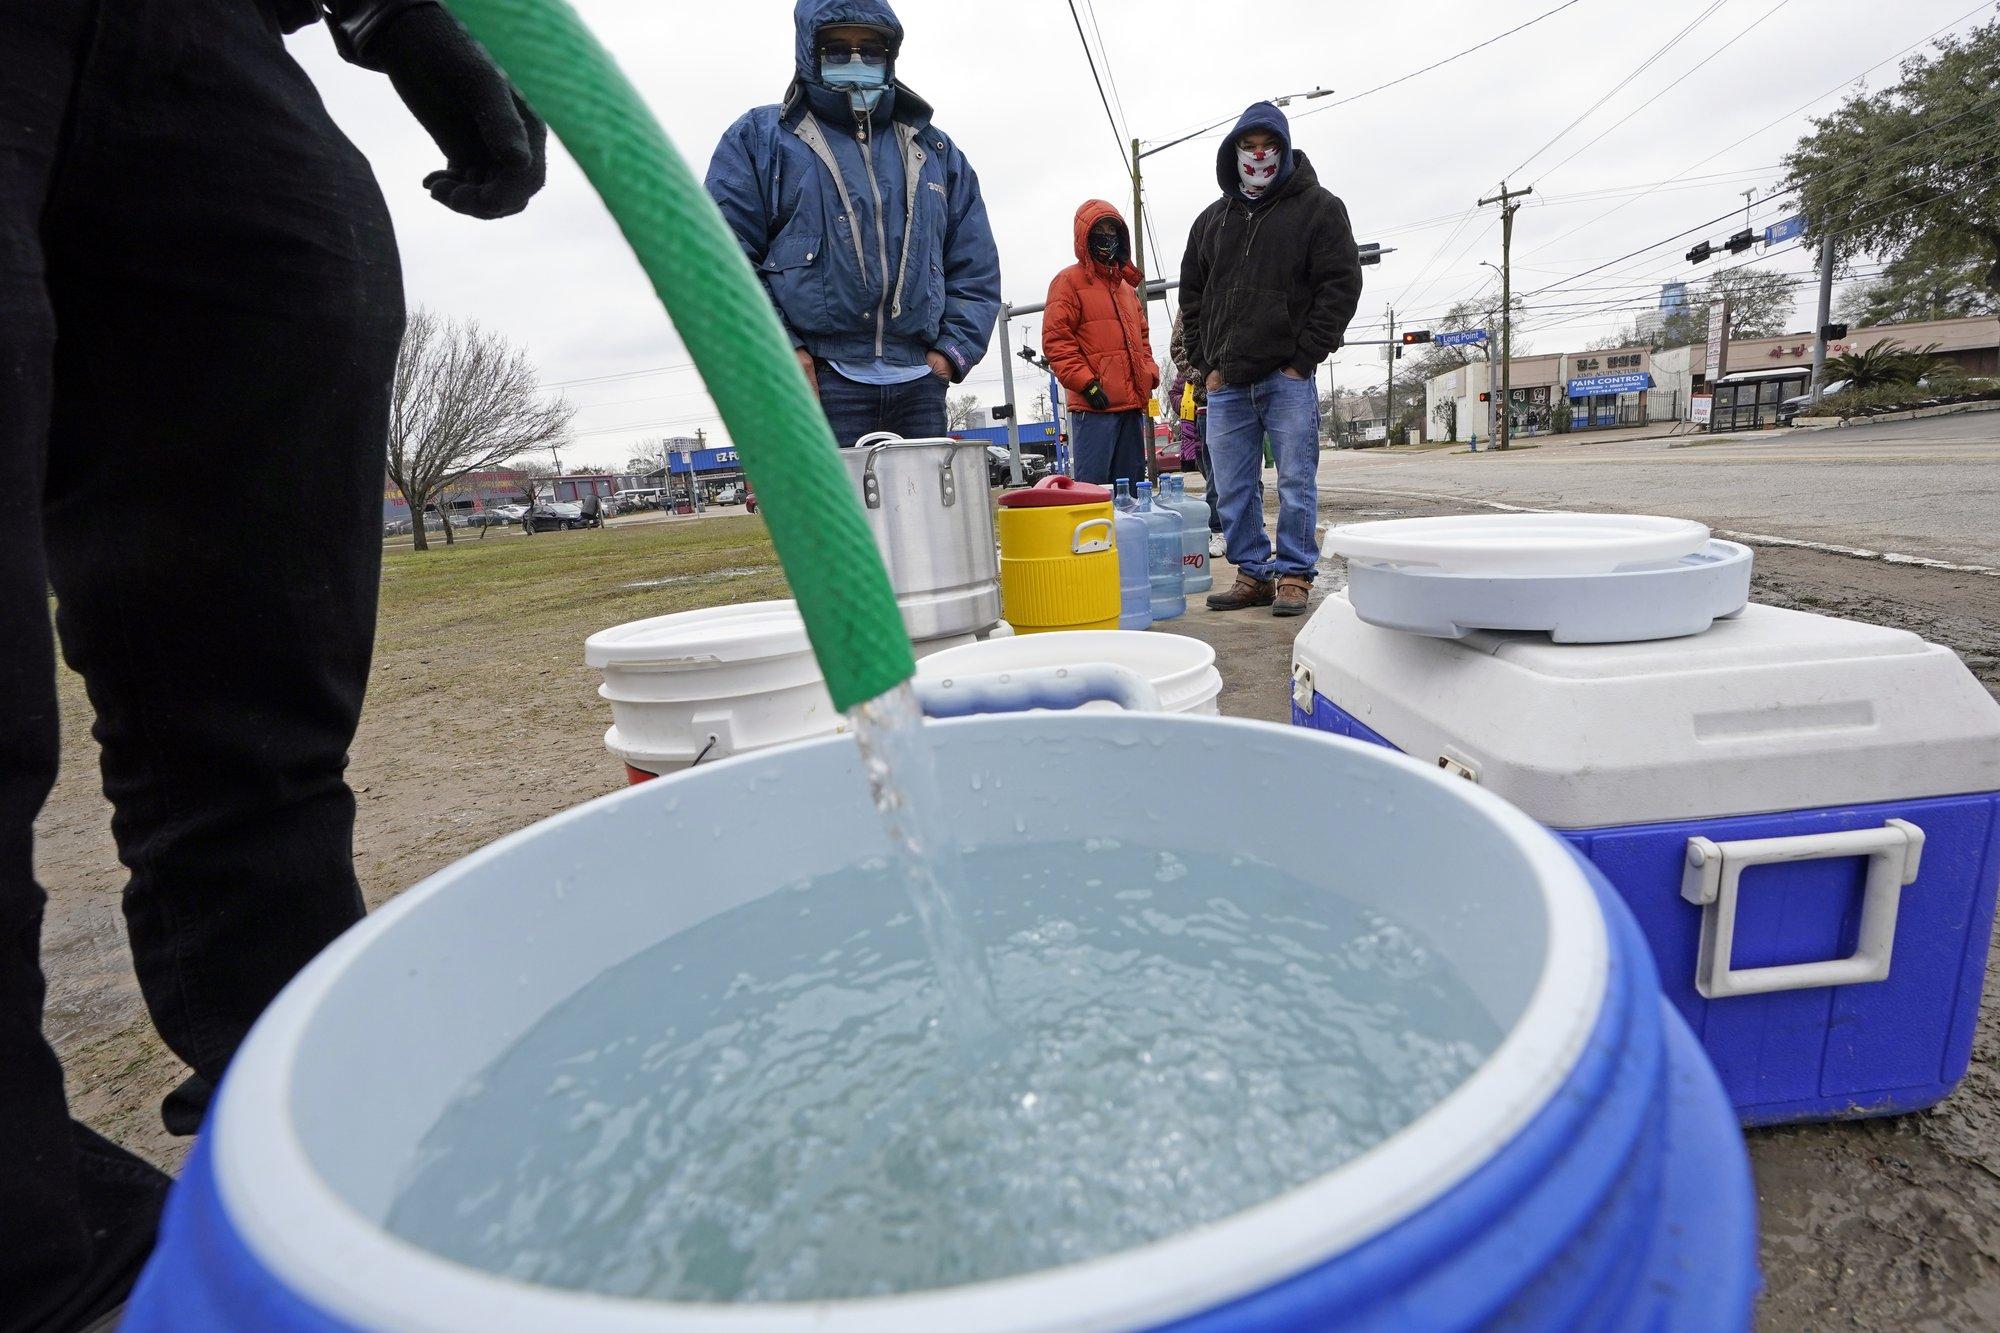 [PhotoStory] Những hình ảnh có một không hai về mùa đông khắc nghiệt trên đất Mỹ - Ảnh 21.